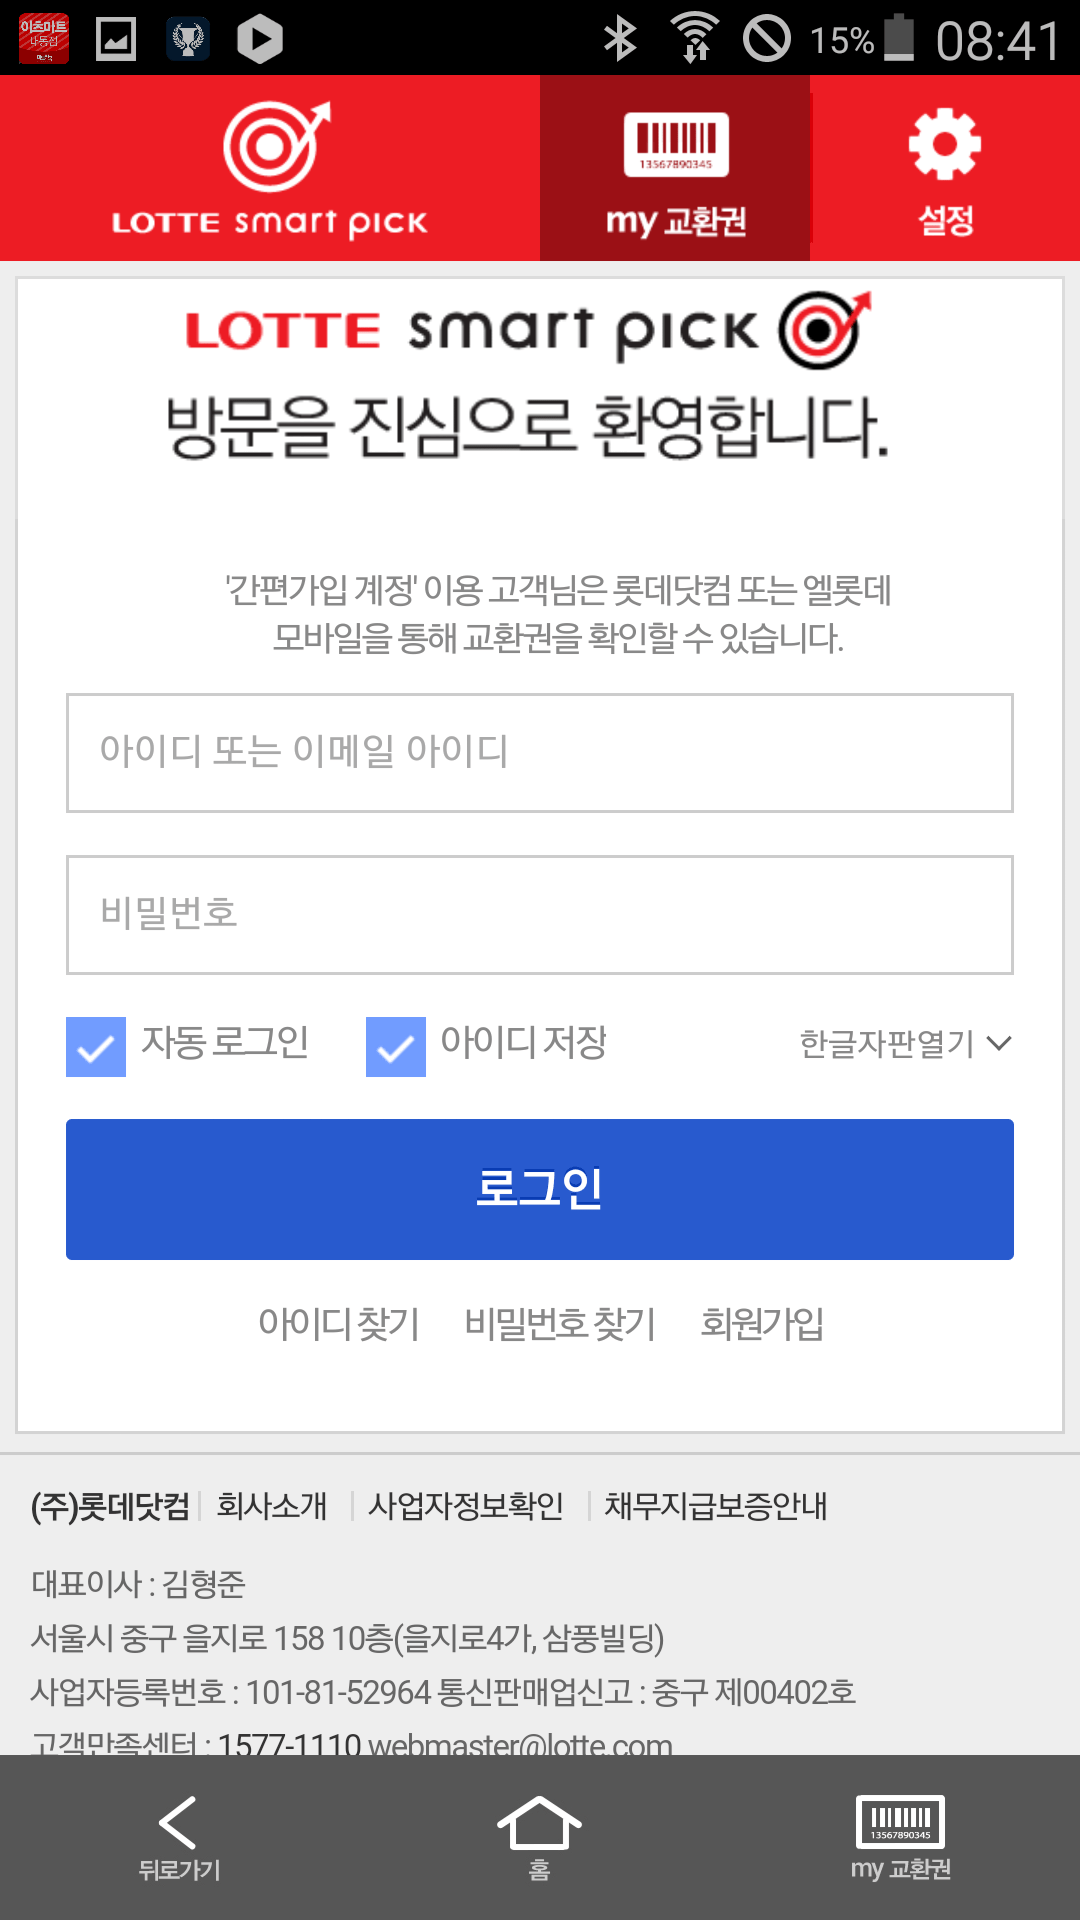 롯데스마트픽 로그인